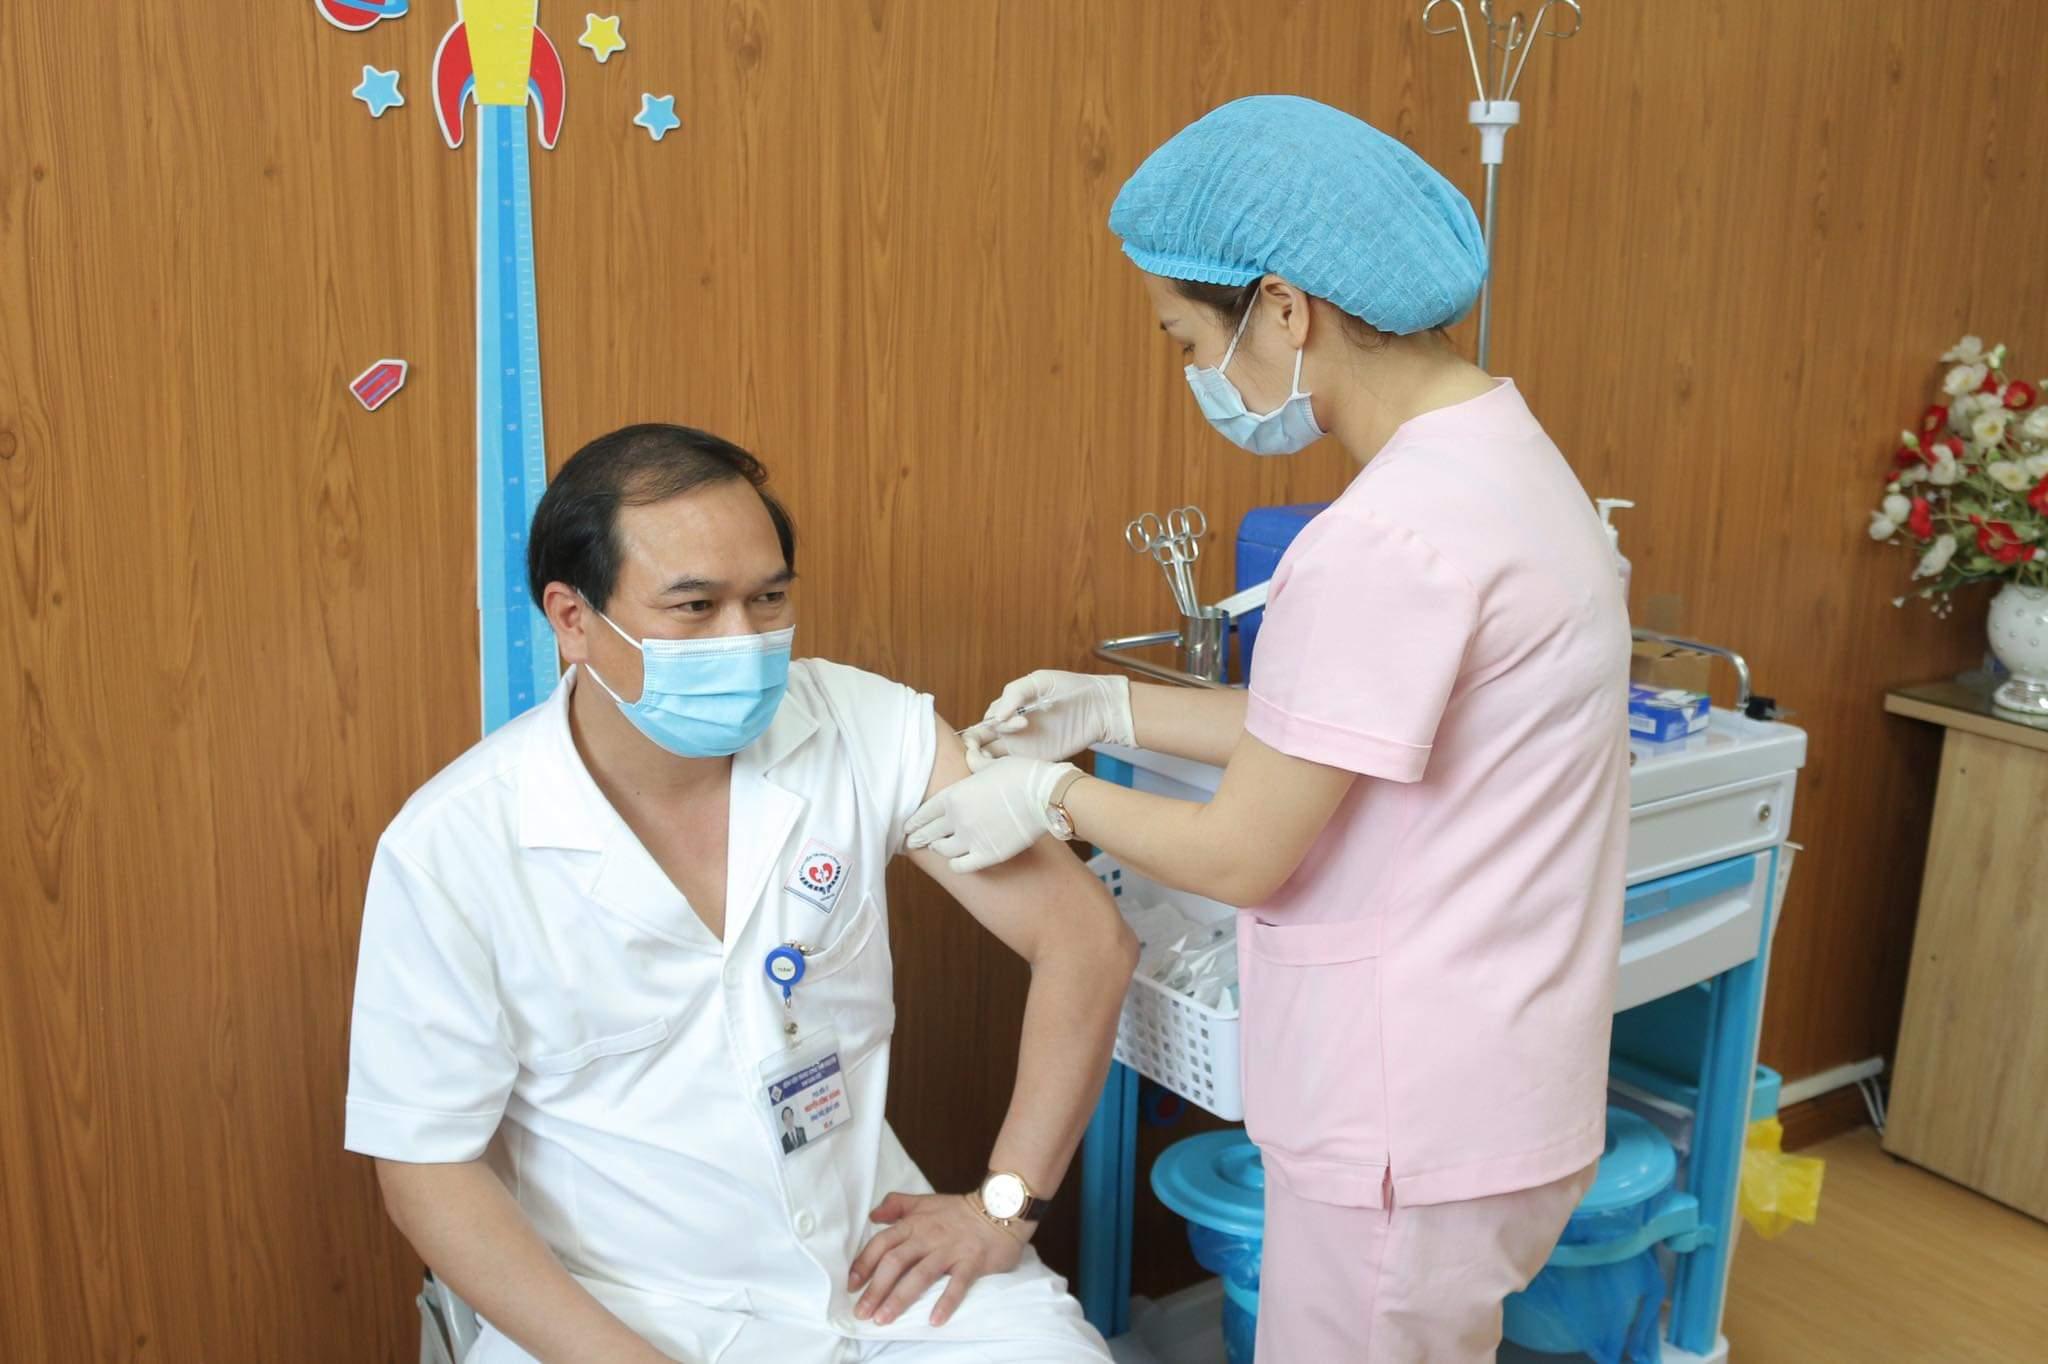 PGS.TS Nguyễn Công Hoàng, Bí thư Đảng ủy, Giám đốc Bệnh viện Trung ương Thái Nguyên - người đầu tiên tiêm vắc xin Covid-19 của tỉnh Thái Nguyên.